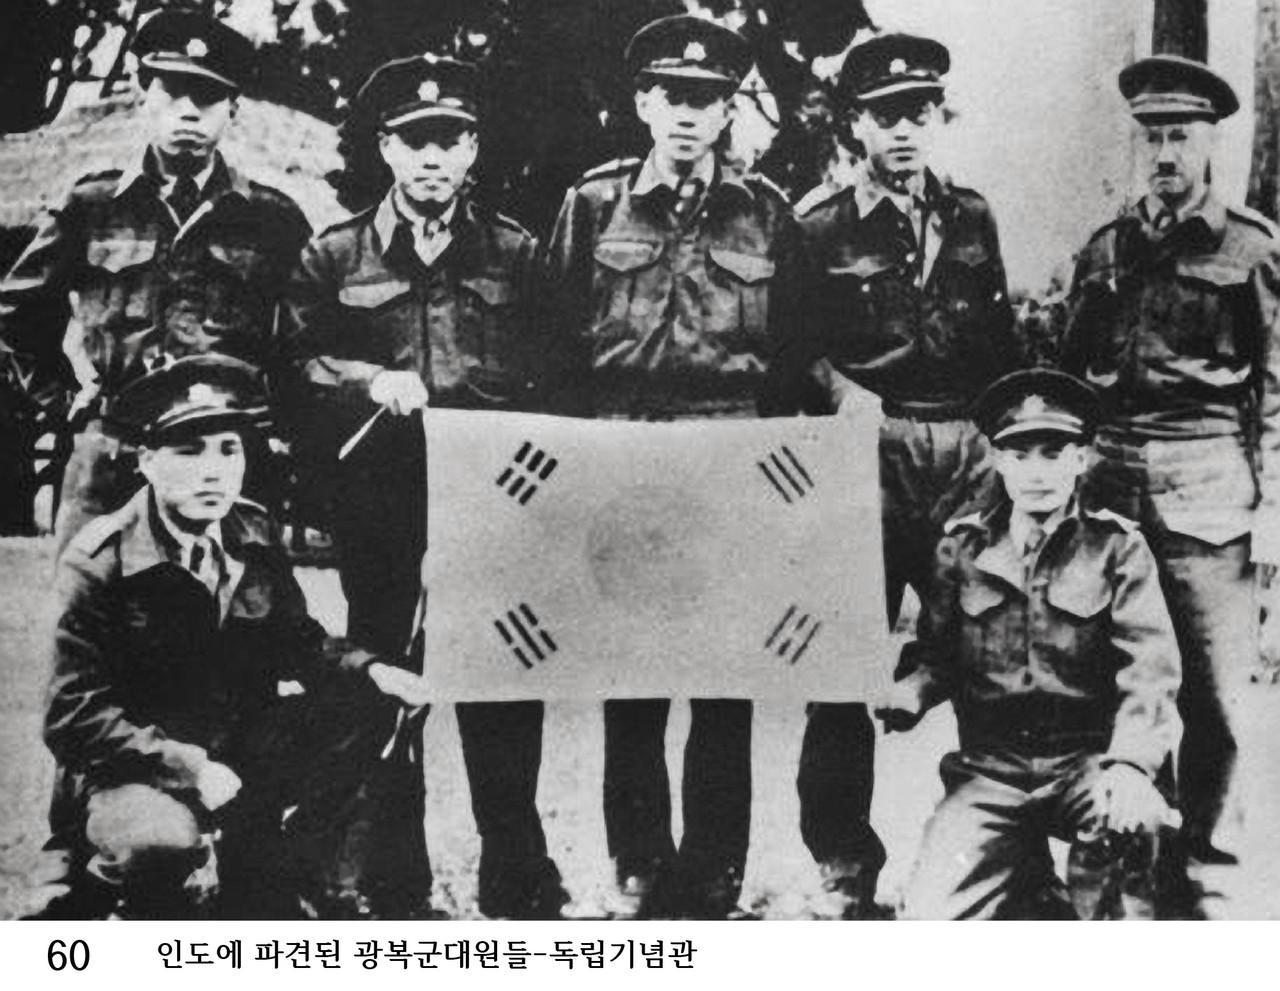 광복군 인면전구공작대 태극기-1943년 8월29일 인도 주둔 영국군에 파견된 대한민국  광복군 인면전구공작대원들이 소지하고 있던 태극기.   4괘의 배열이 곤리건감으로 되어있다. 인면전구공작대원들은 인도와 미얀마의 국경지대인 임팔(Imphal) 지역에서 벌어진 영국군과 일본군의 전투에 참전했다가 1945년 8월 광복 직후 중국 중경으로 귀환했다.